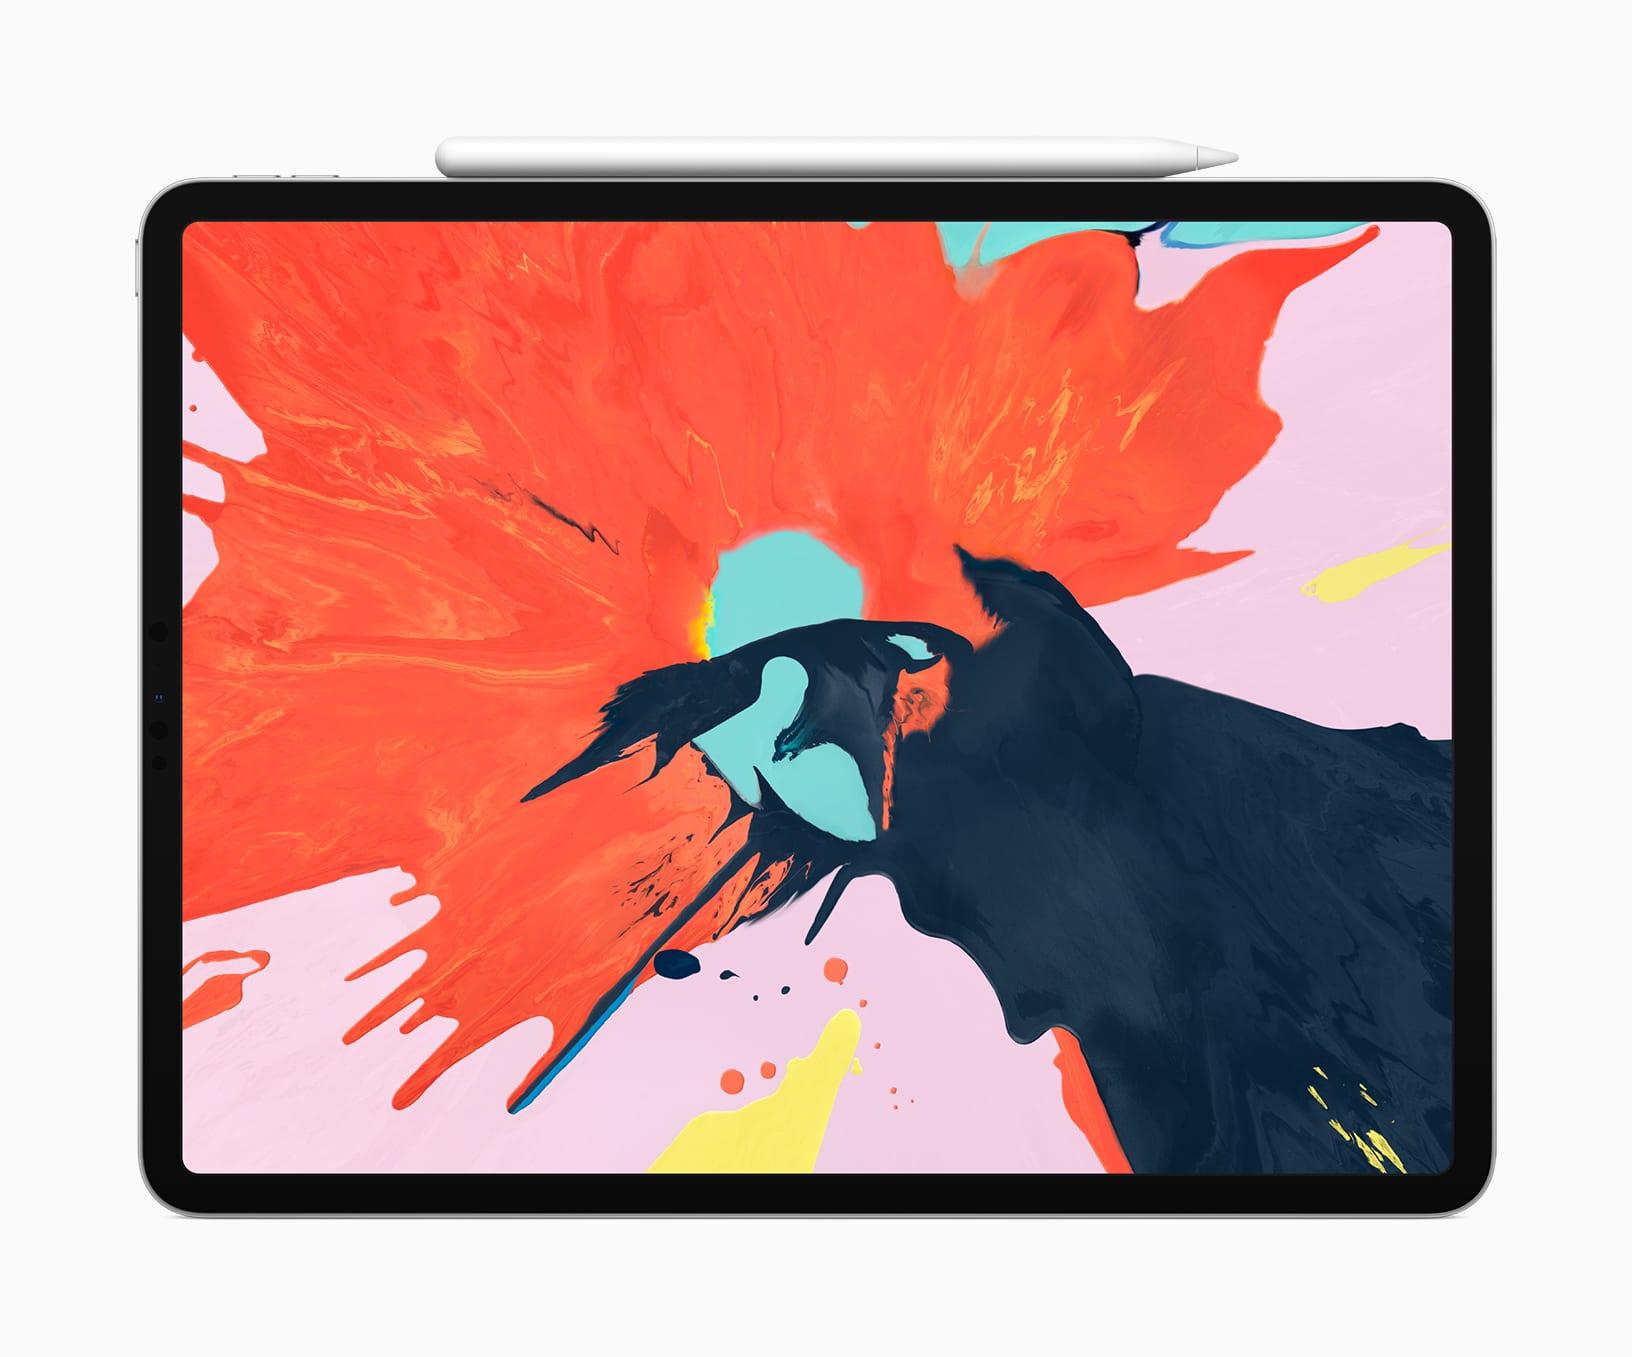 Ekkert nema skjár! - Apple kynnir nýjan iPad